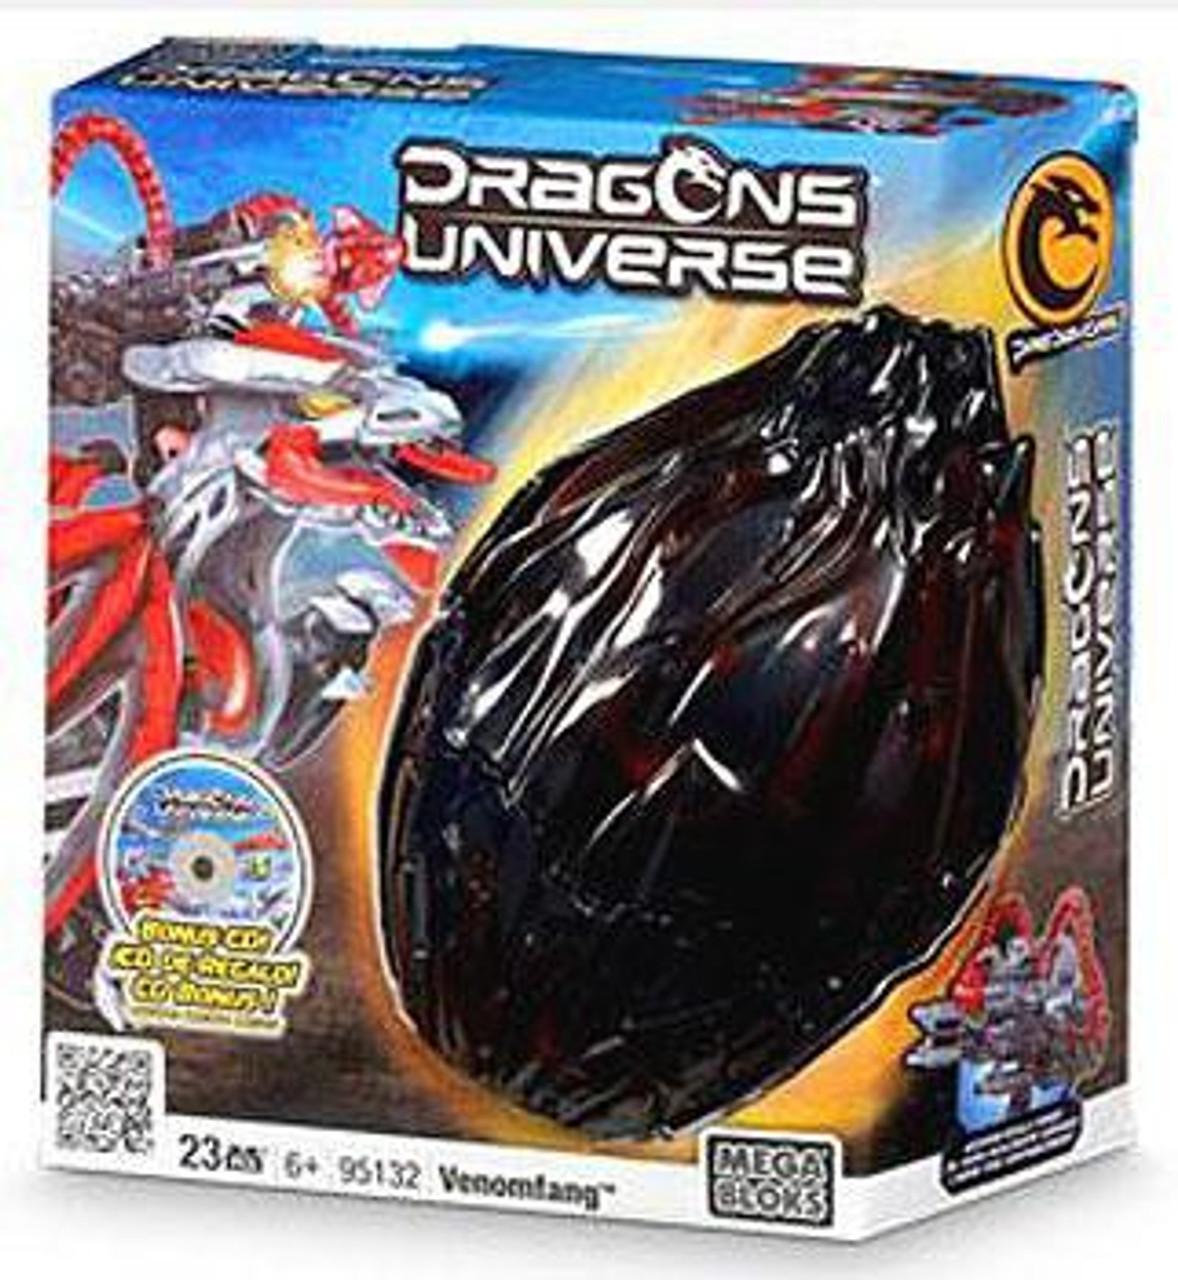 Mega Bloks Dragons Universe Venomfang Set #95132